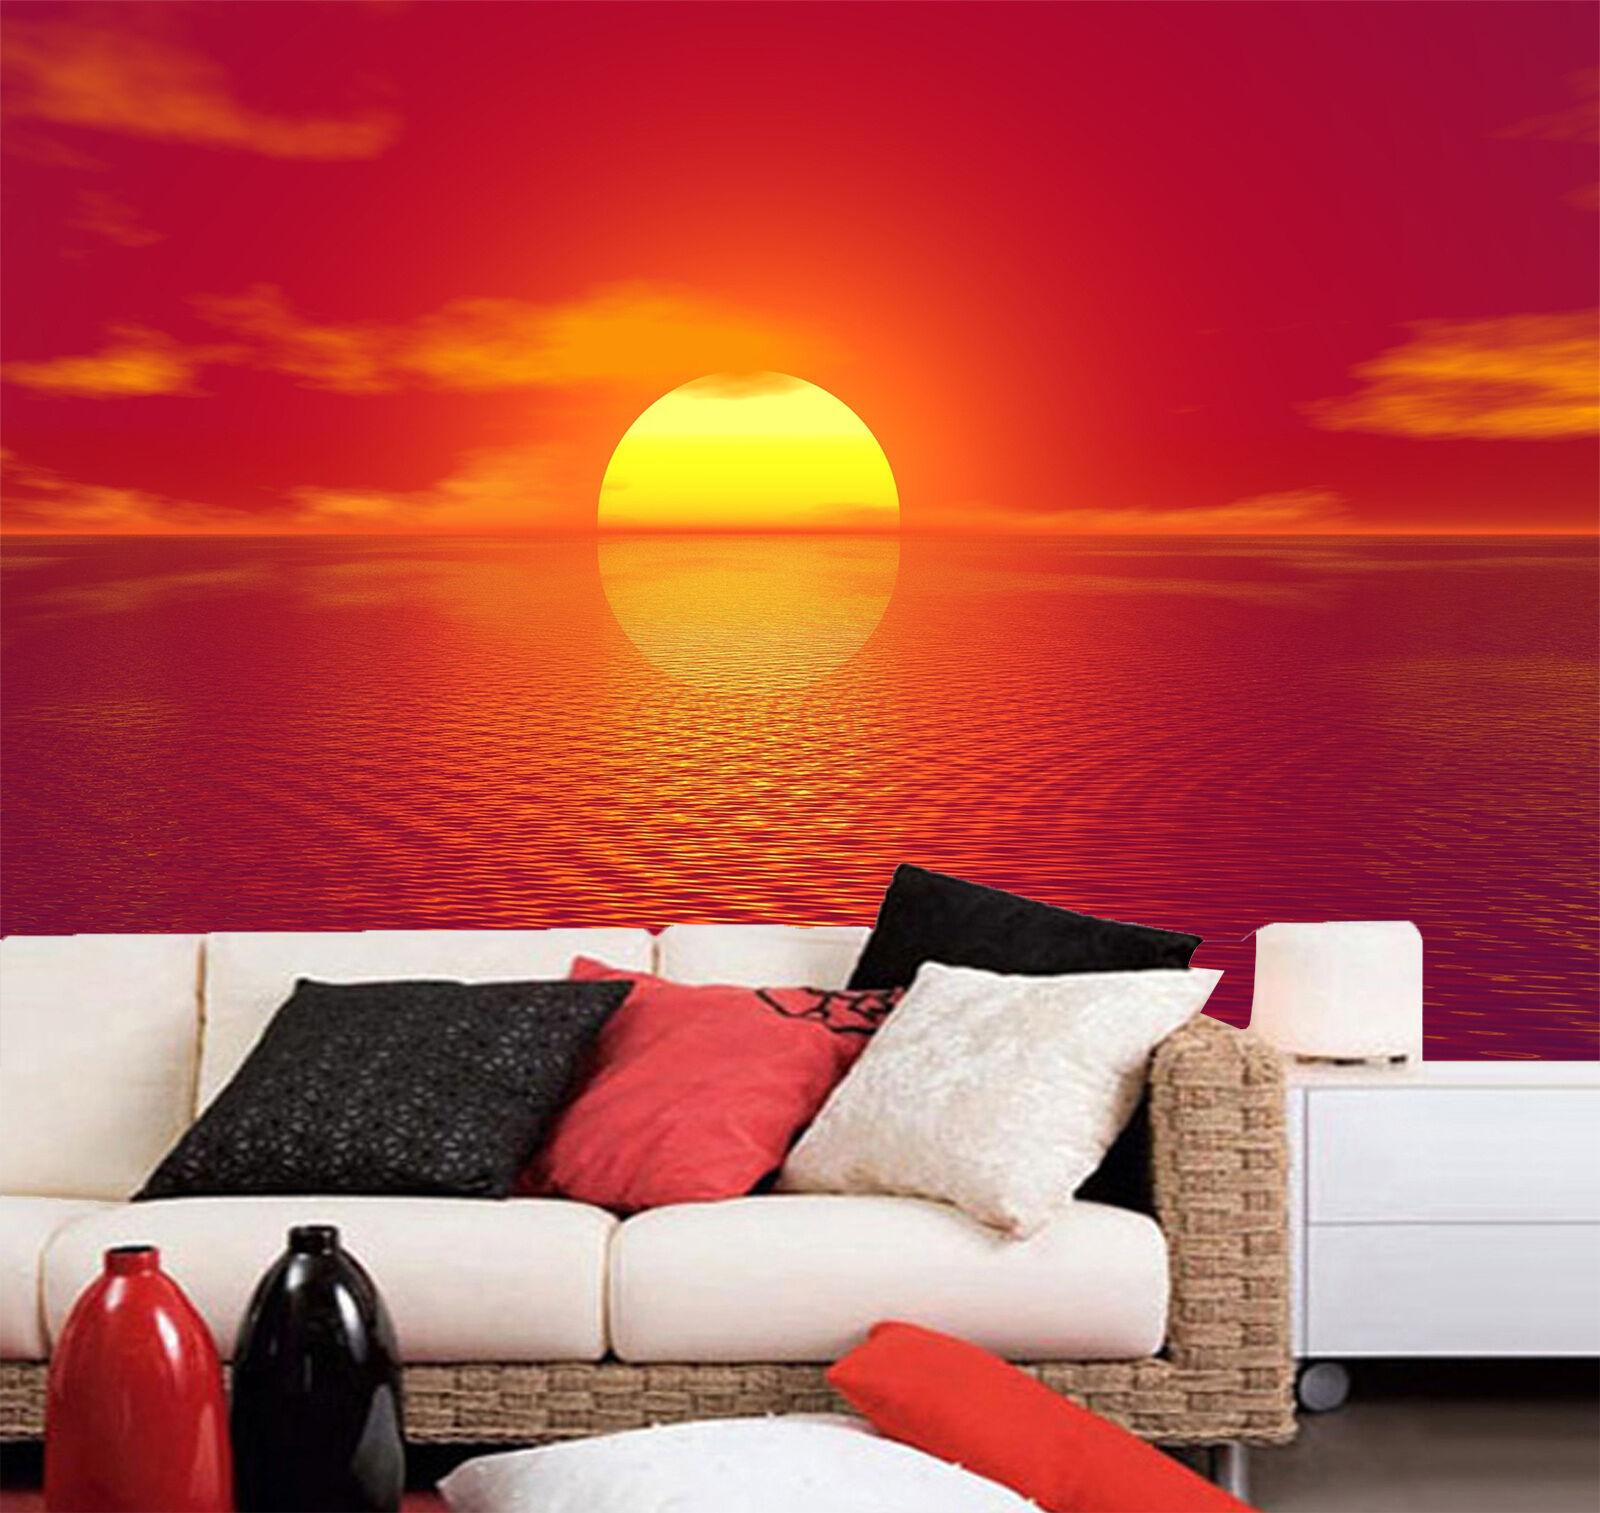 3D Sun rise rot sky Sea pretty Wall Paper Wall Print Decal Wall AJ WALLPAPER CA